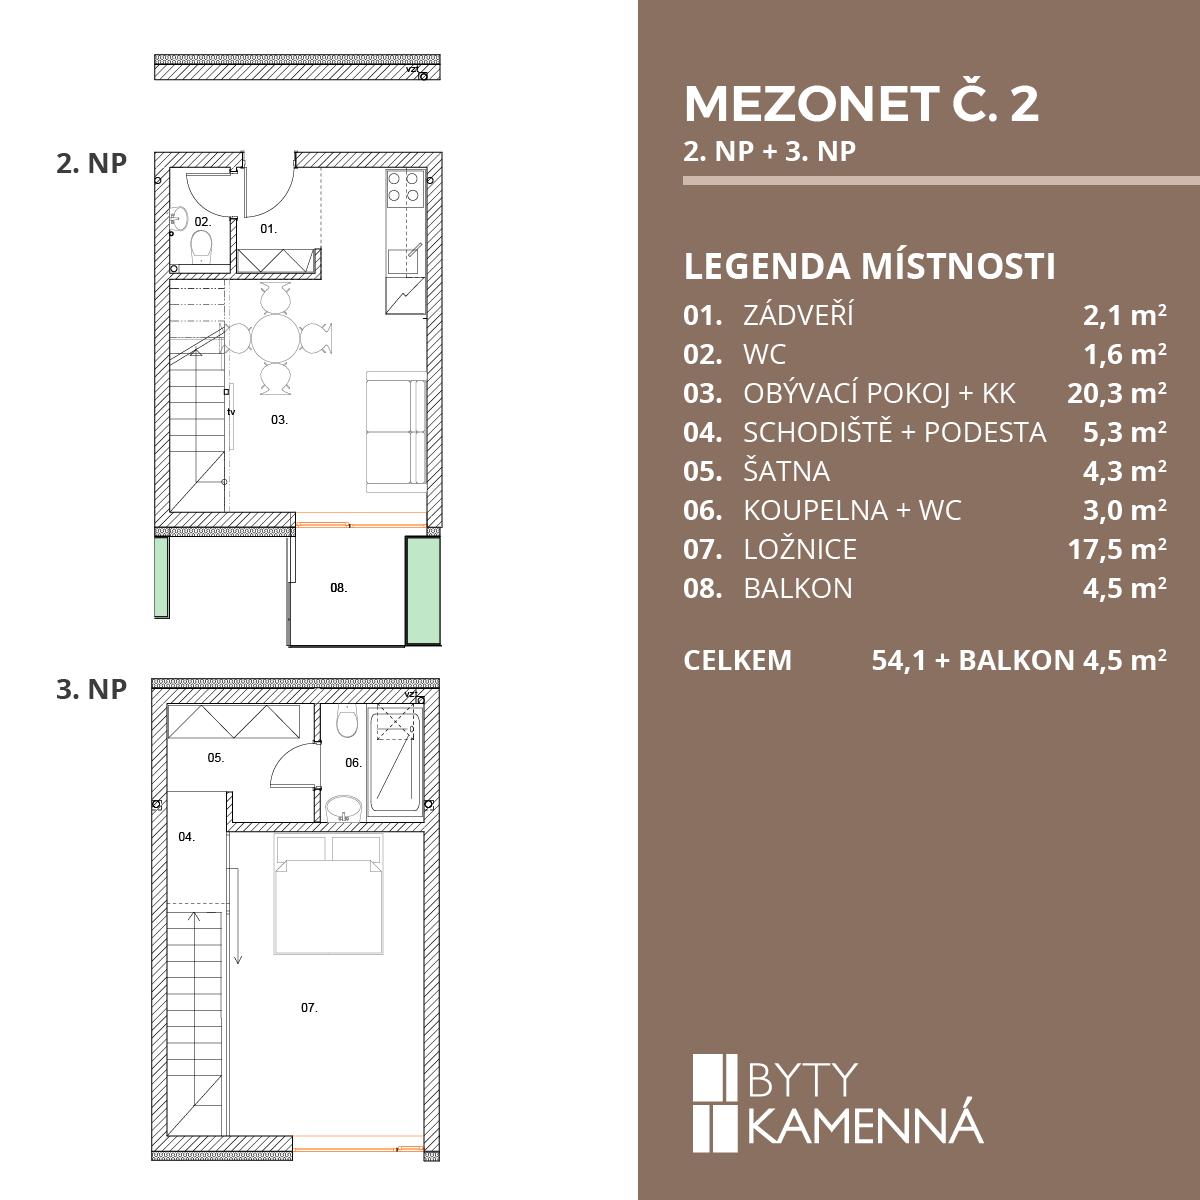 MEZONET 7